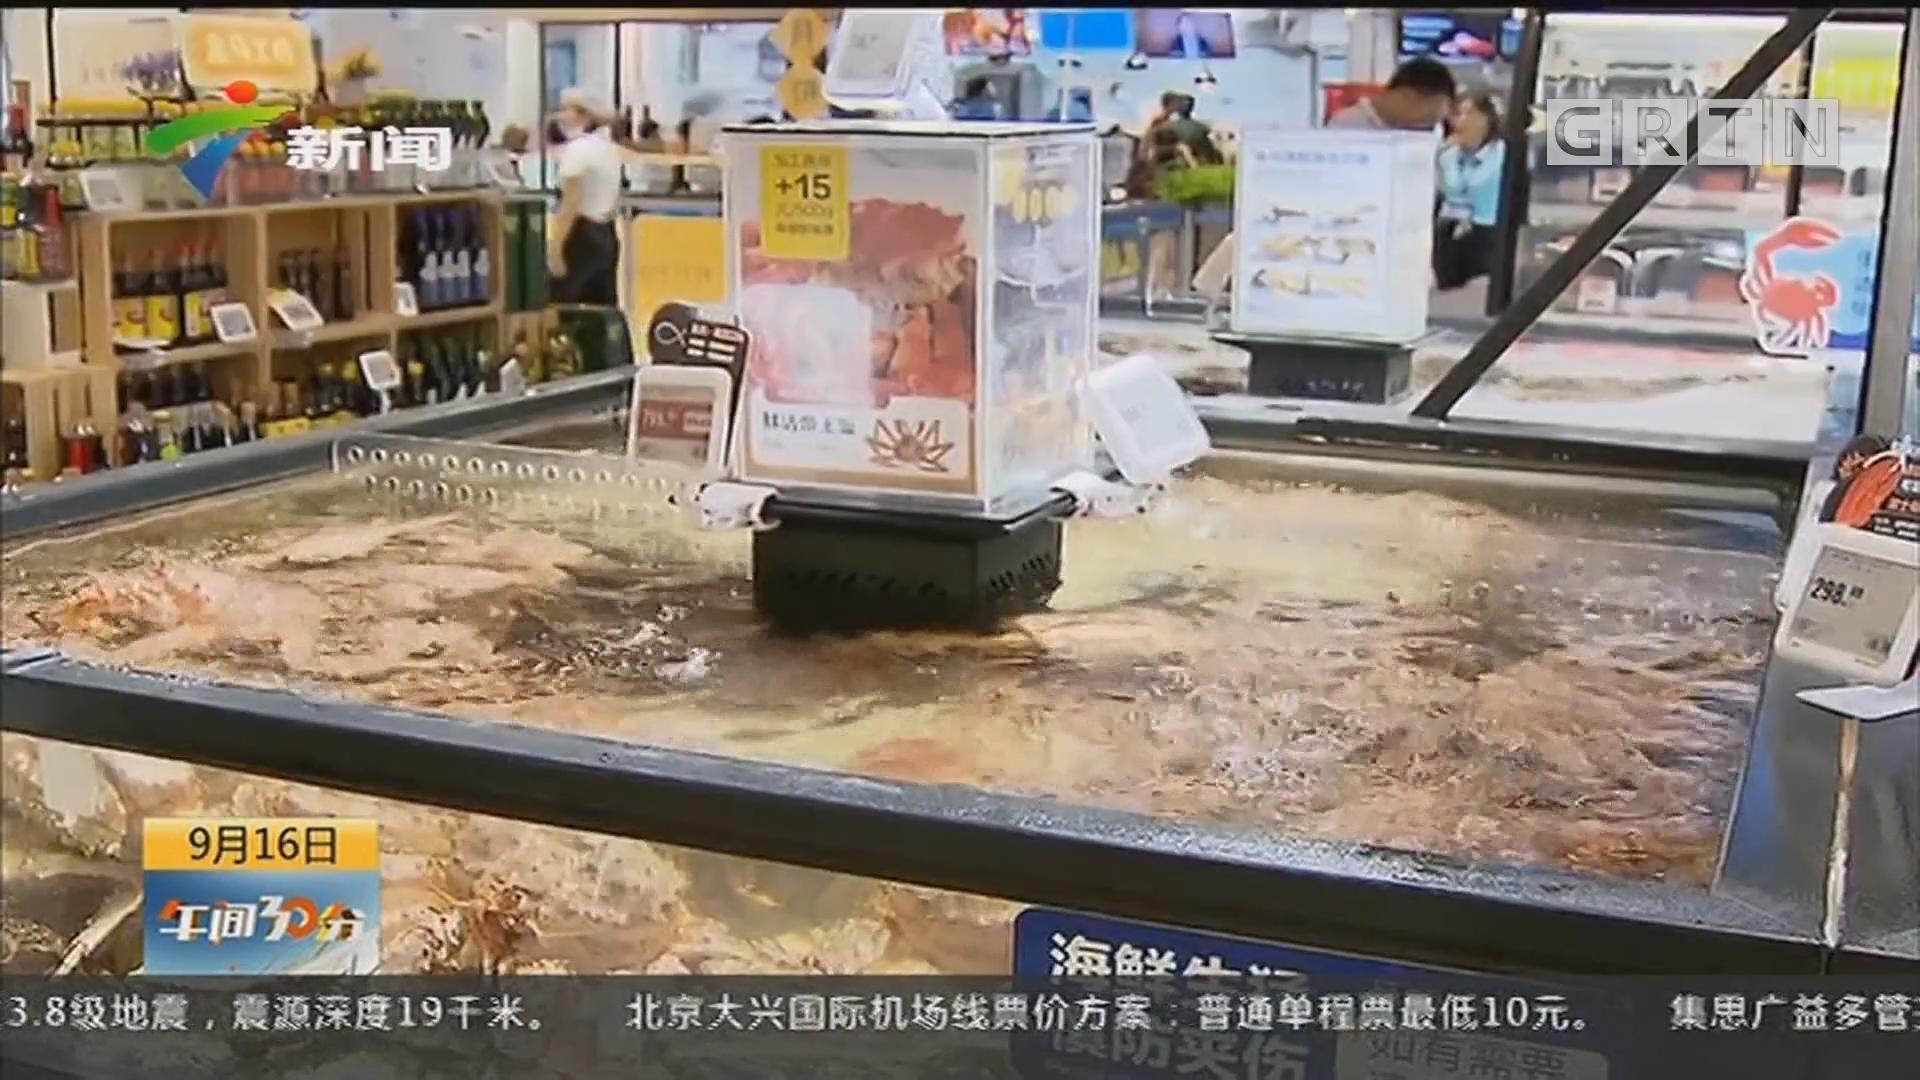 深圳:蔬菜肉类供应充足 价格总体平稳